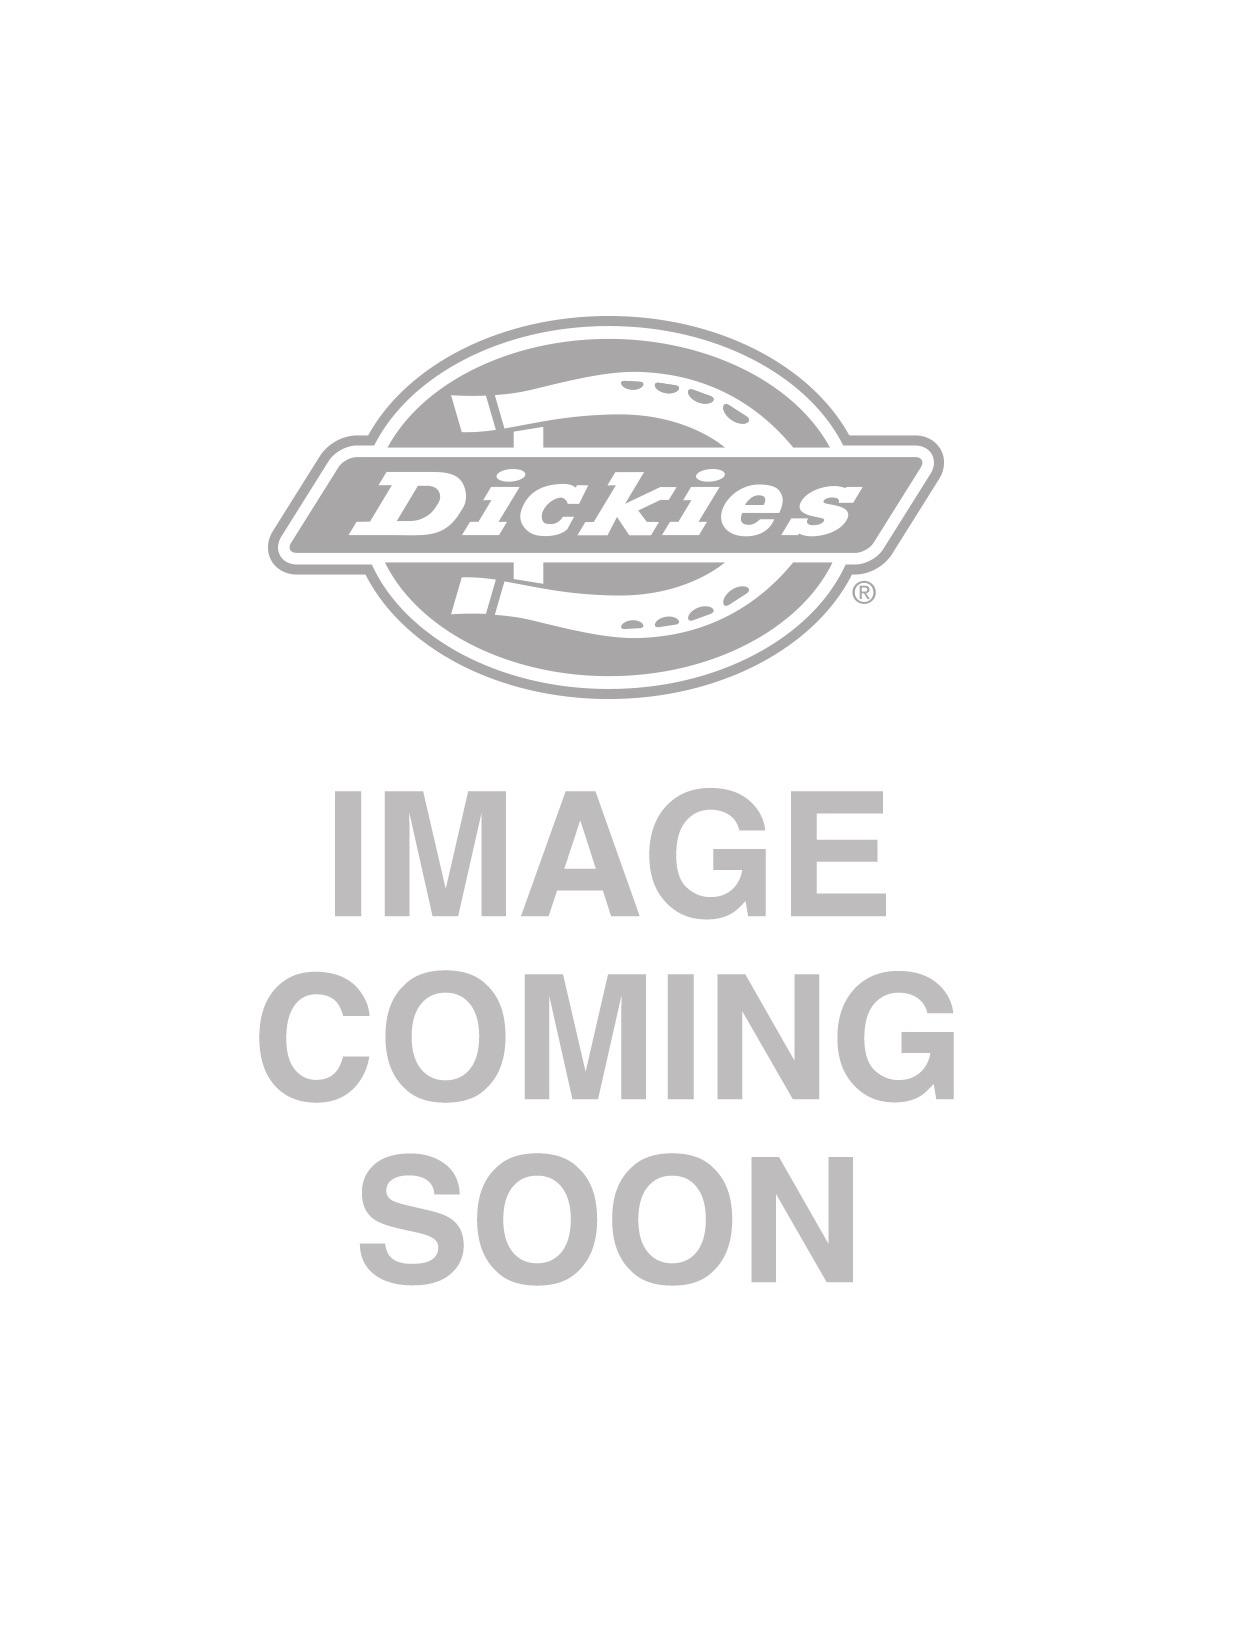 Dickies Baseball T-Shirt